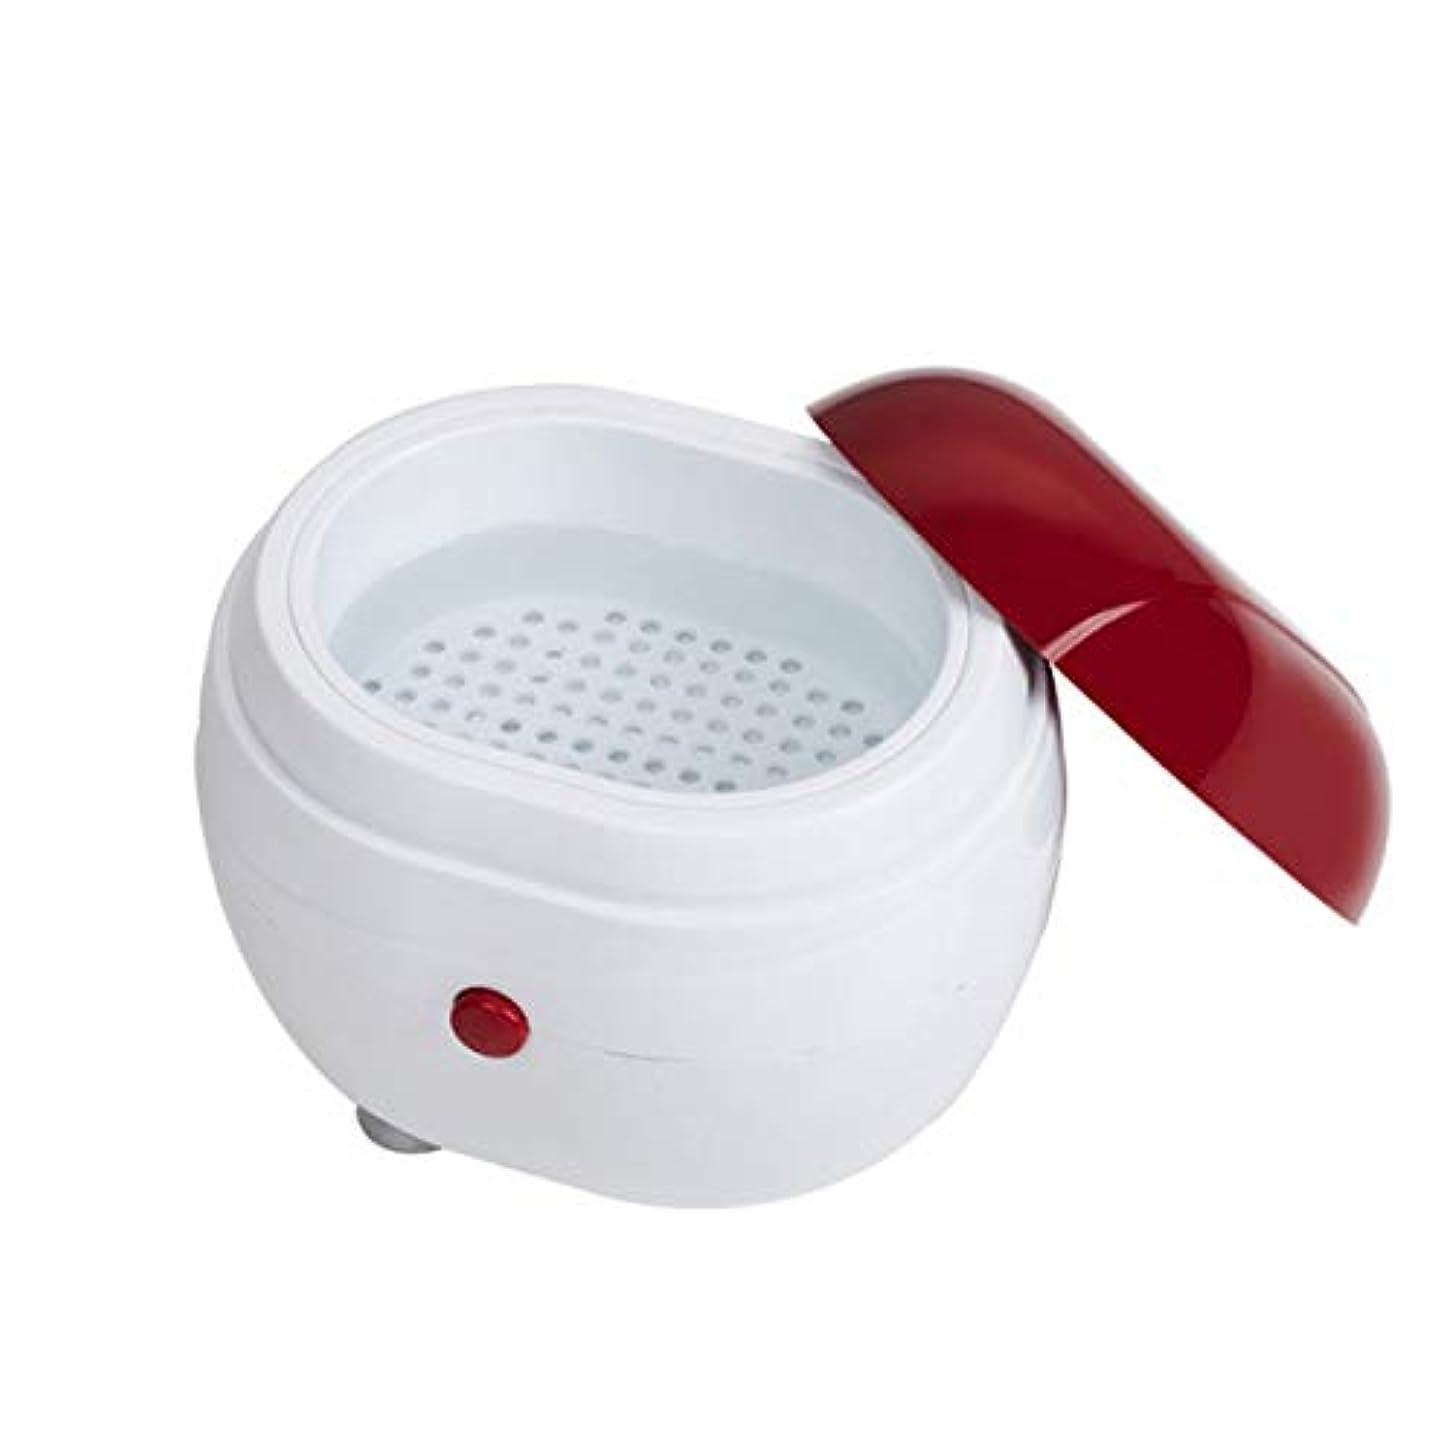 先生表示お客様Kongqiabonaポータブルミニ超音波洗濯機ジュエリーレンズ義歯クリーナーボックス